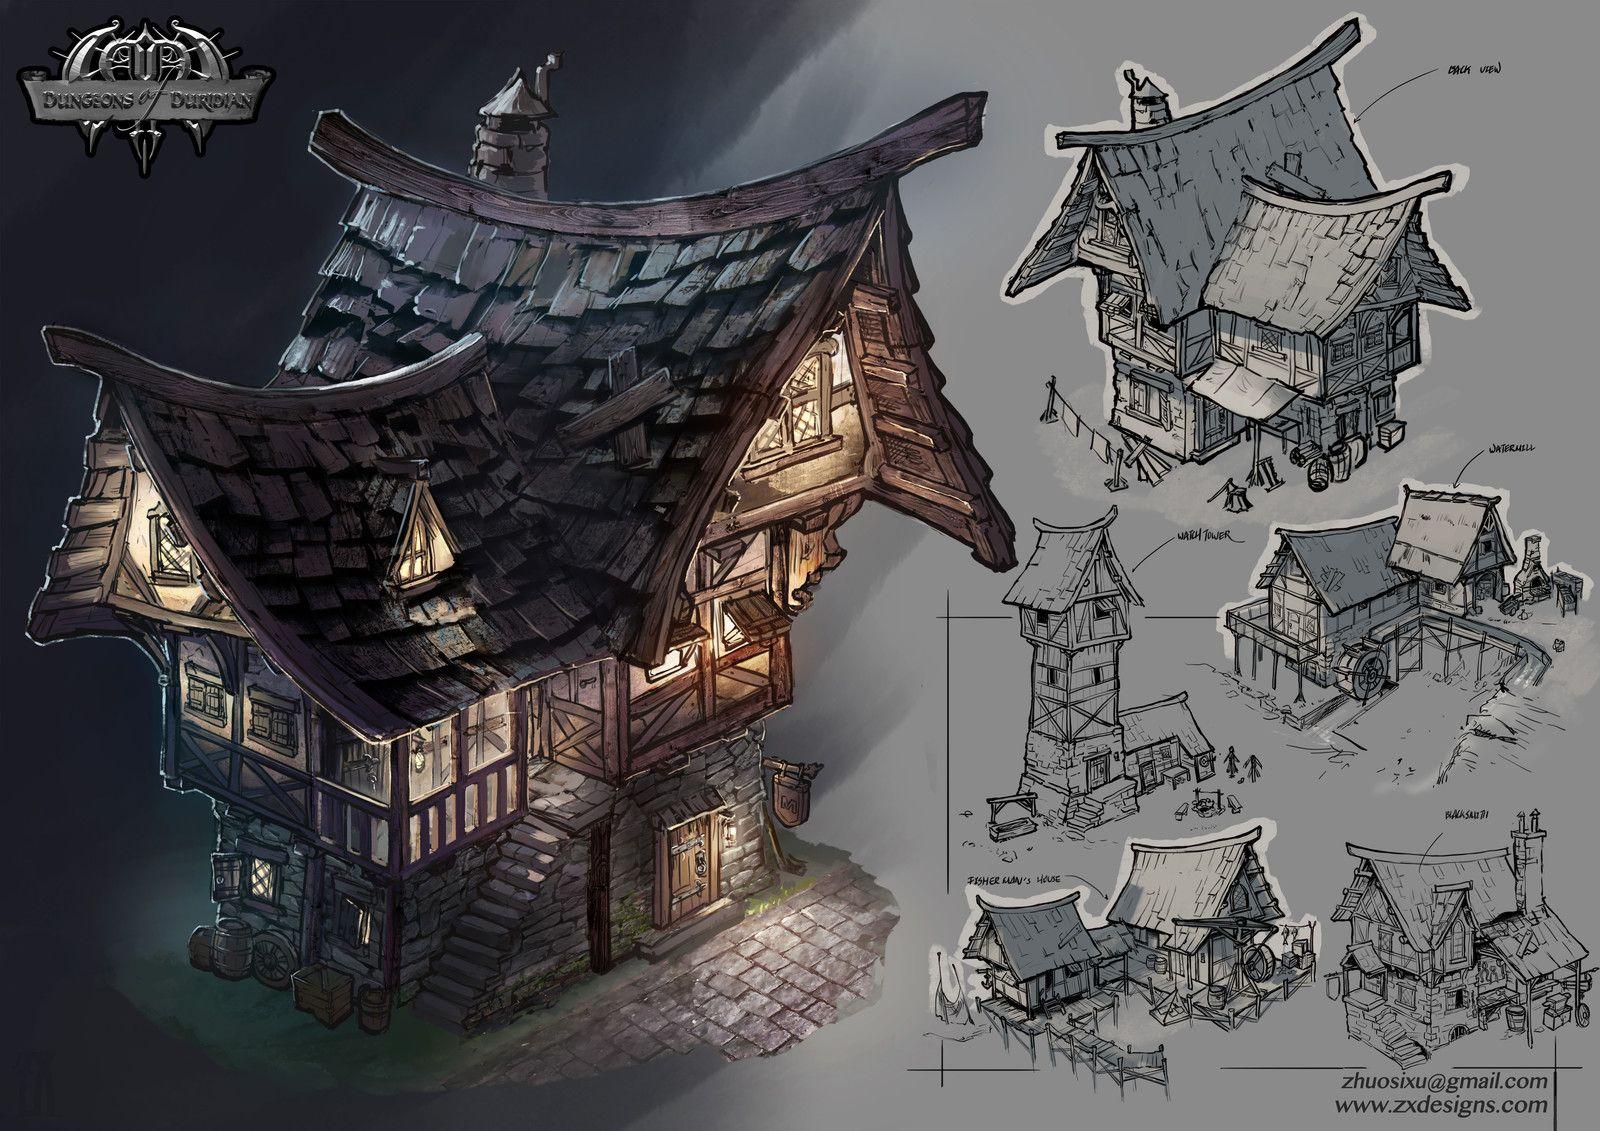 Project: DoD, Joyce Xu on ArtStation at https://www.artstation.com/artwork/oW0GO